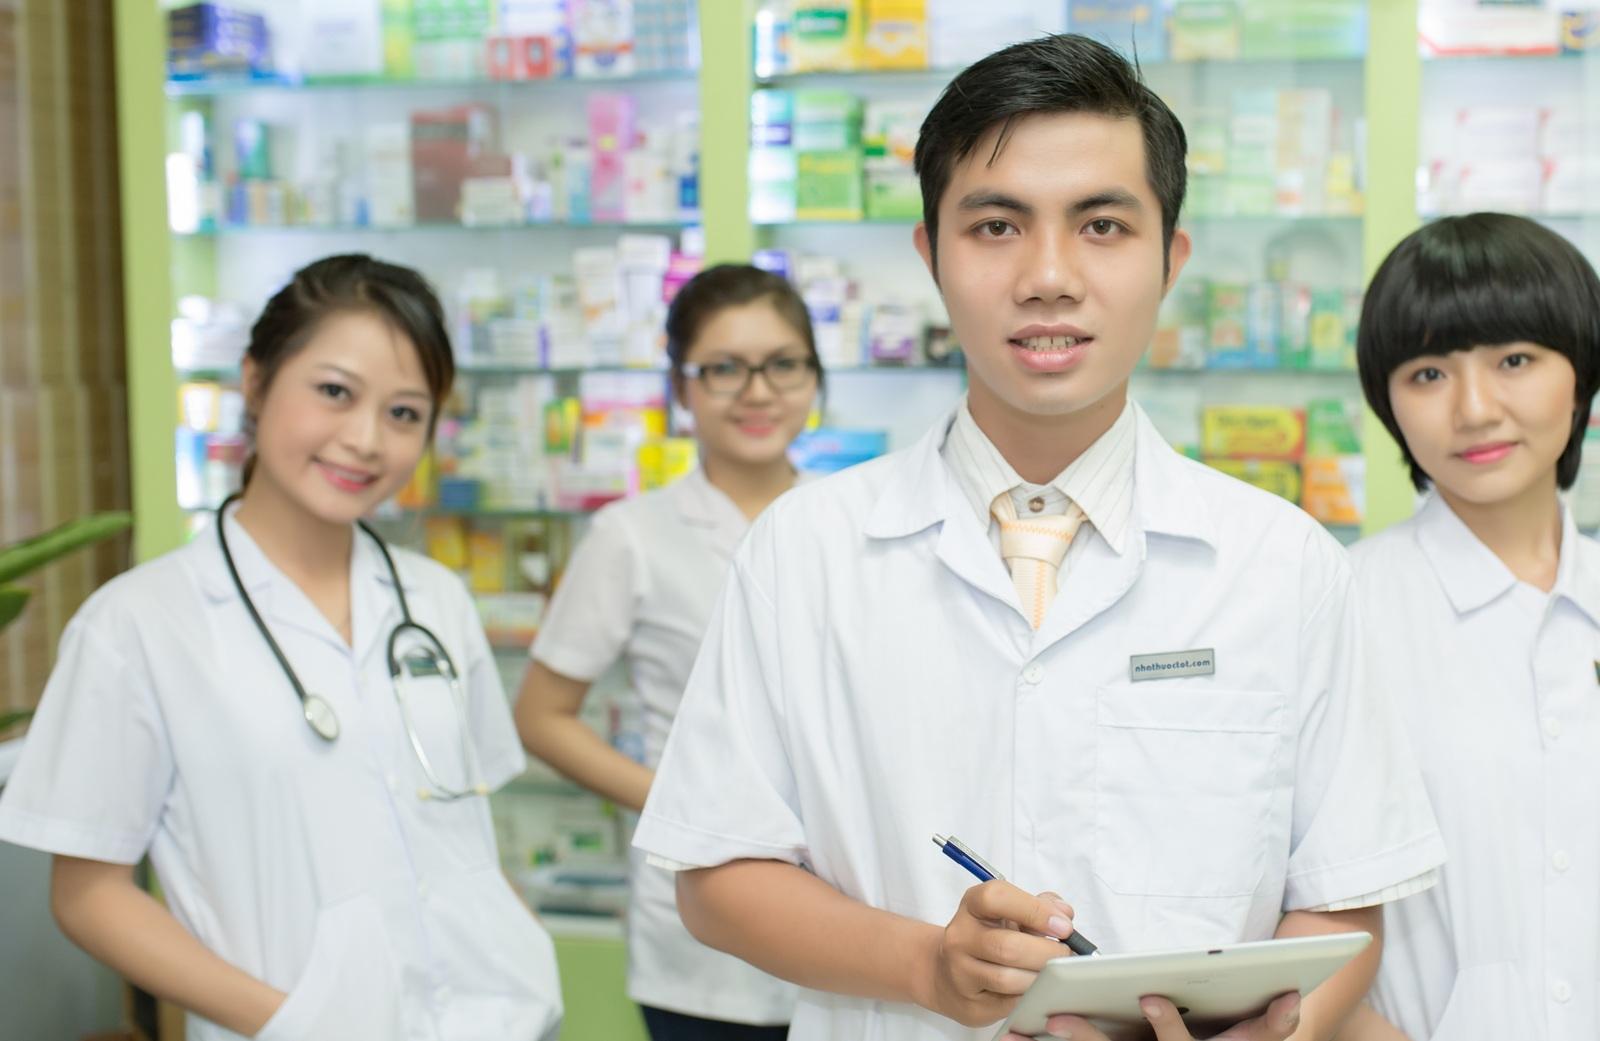 Chuyển đổi điều dưỡng sang bác sĩ được không?